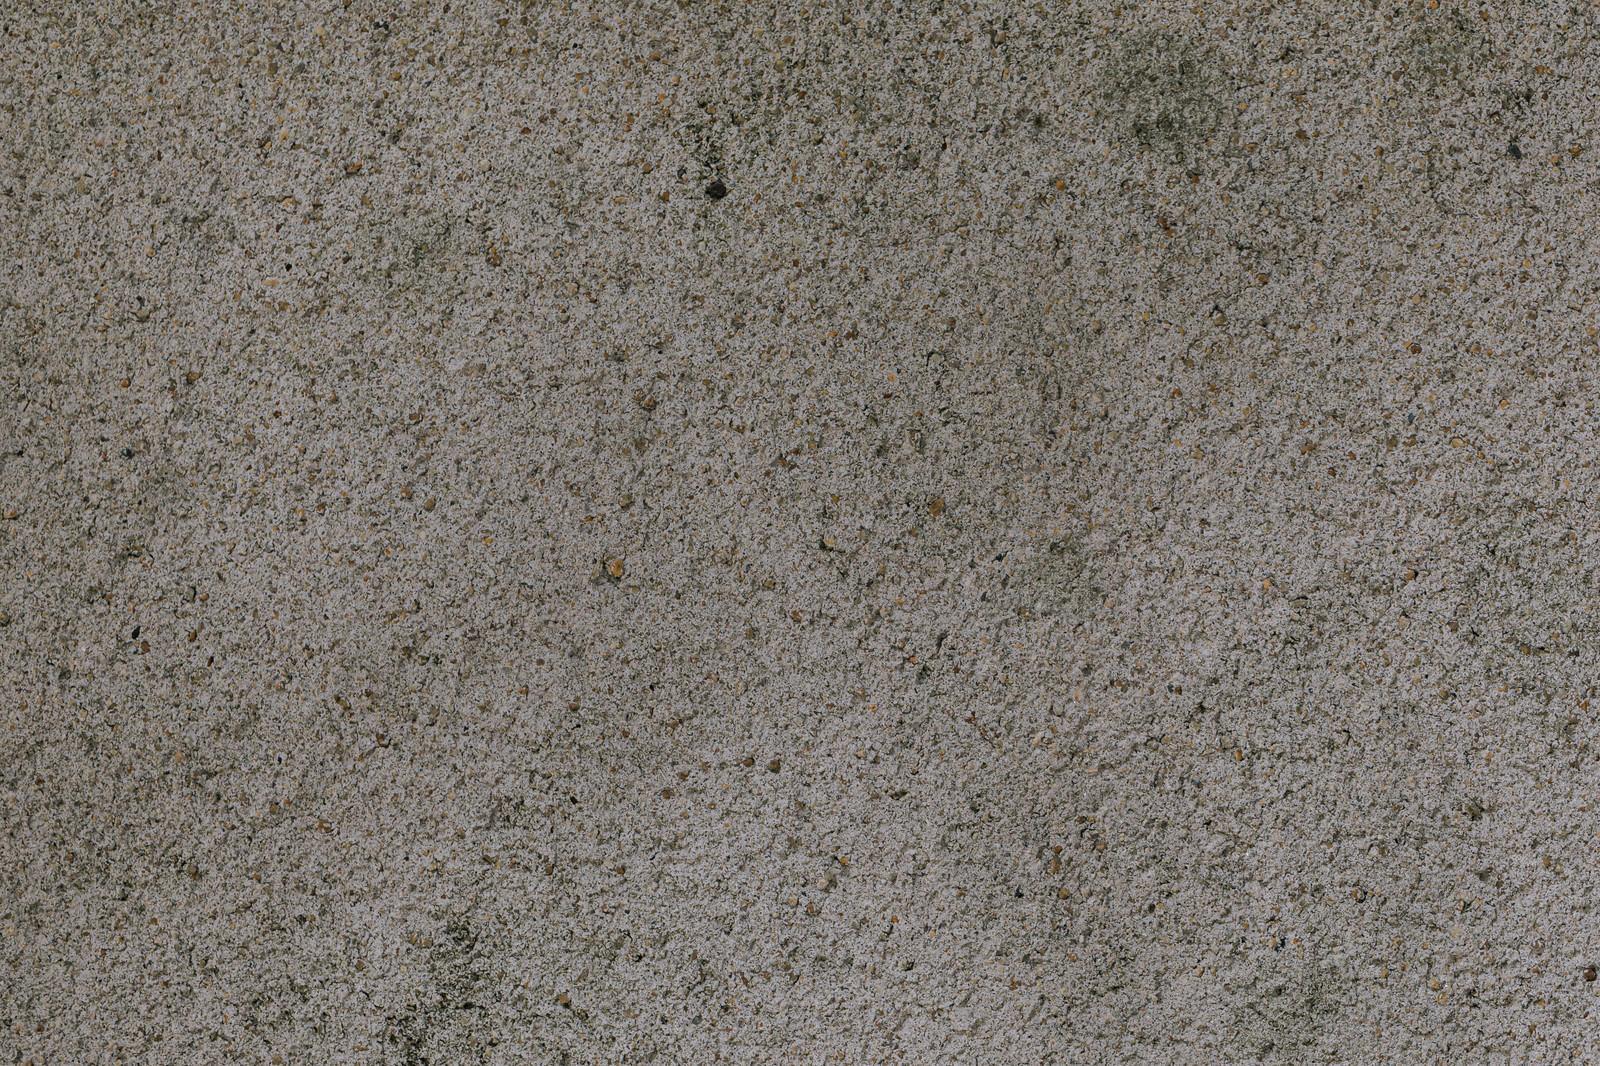 「ザラザラな壁(テクスチャ)」の写真